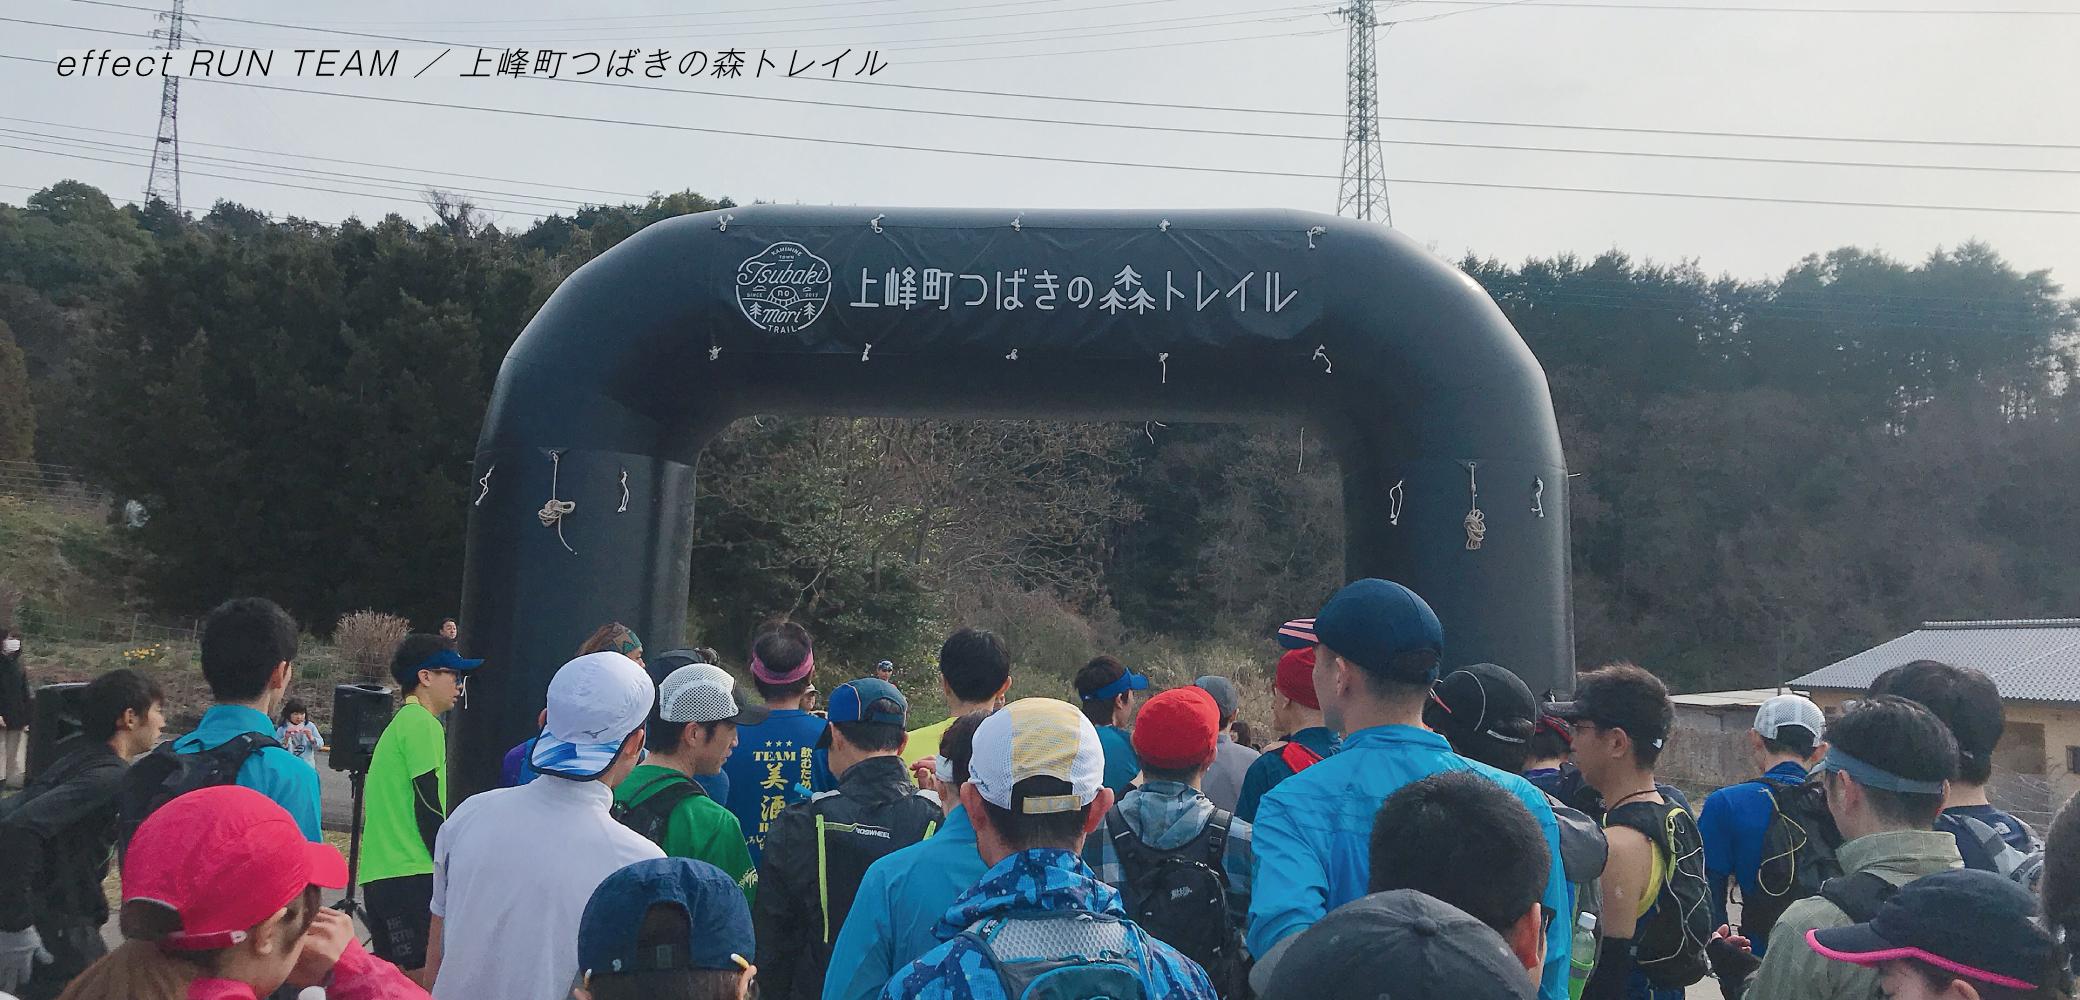 effect RT 大会レポート //  第3回上峰町つばきの森トレイル 2019